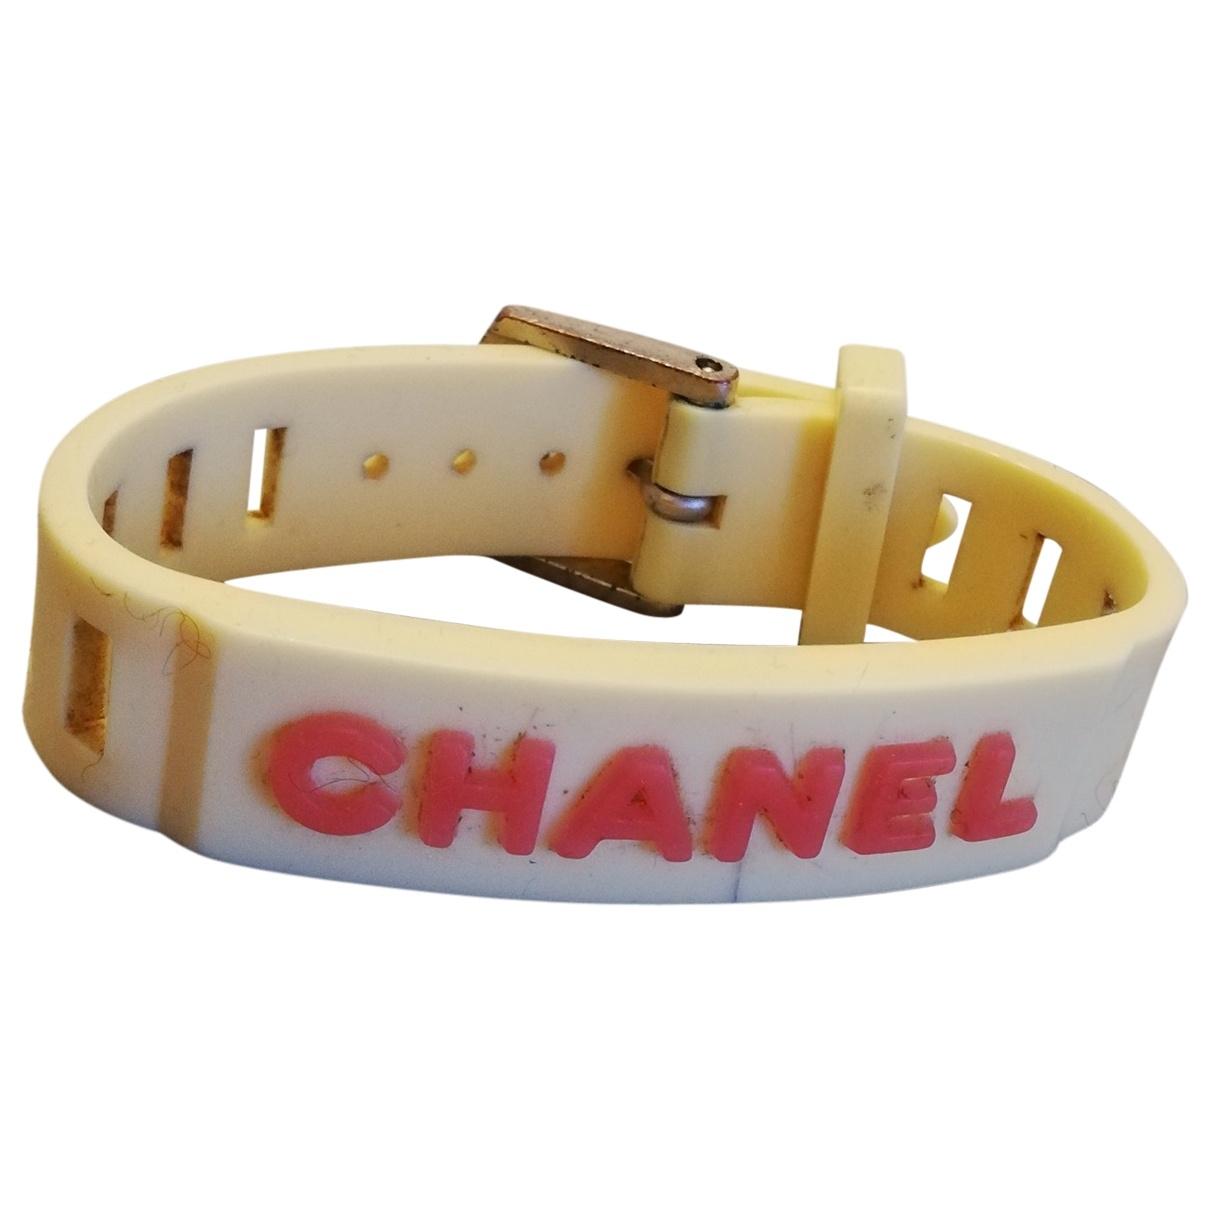 Chanel - Bracelet   pour femme - jaune